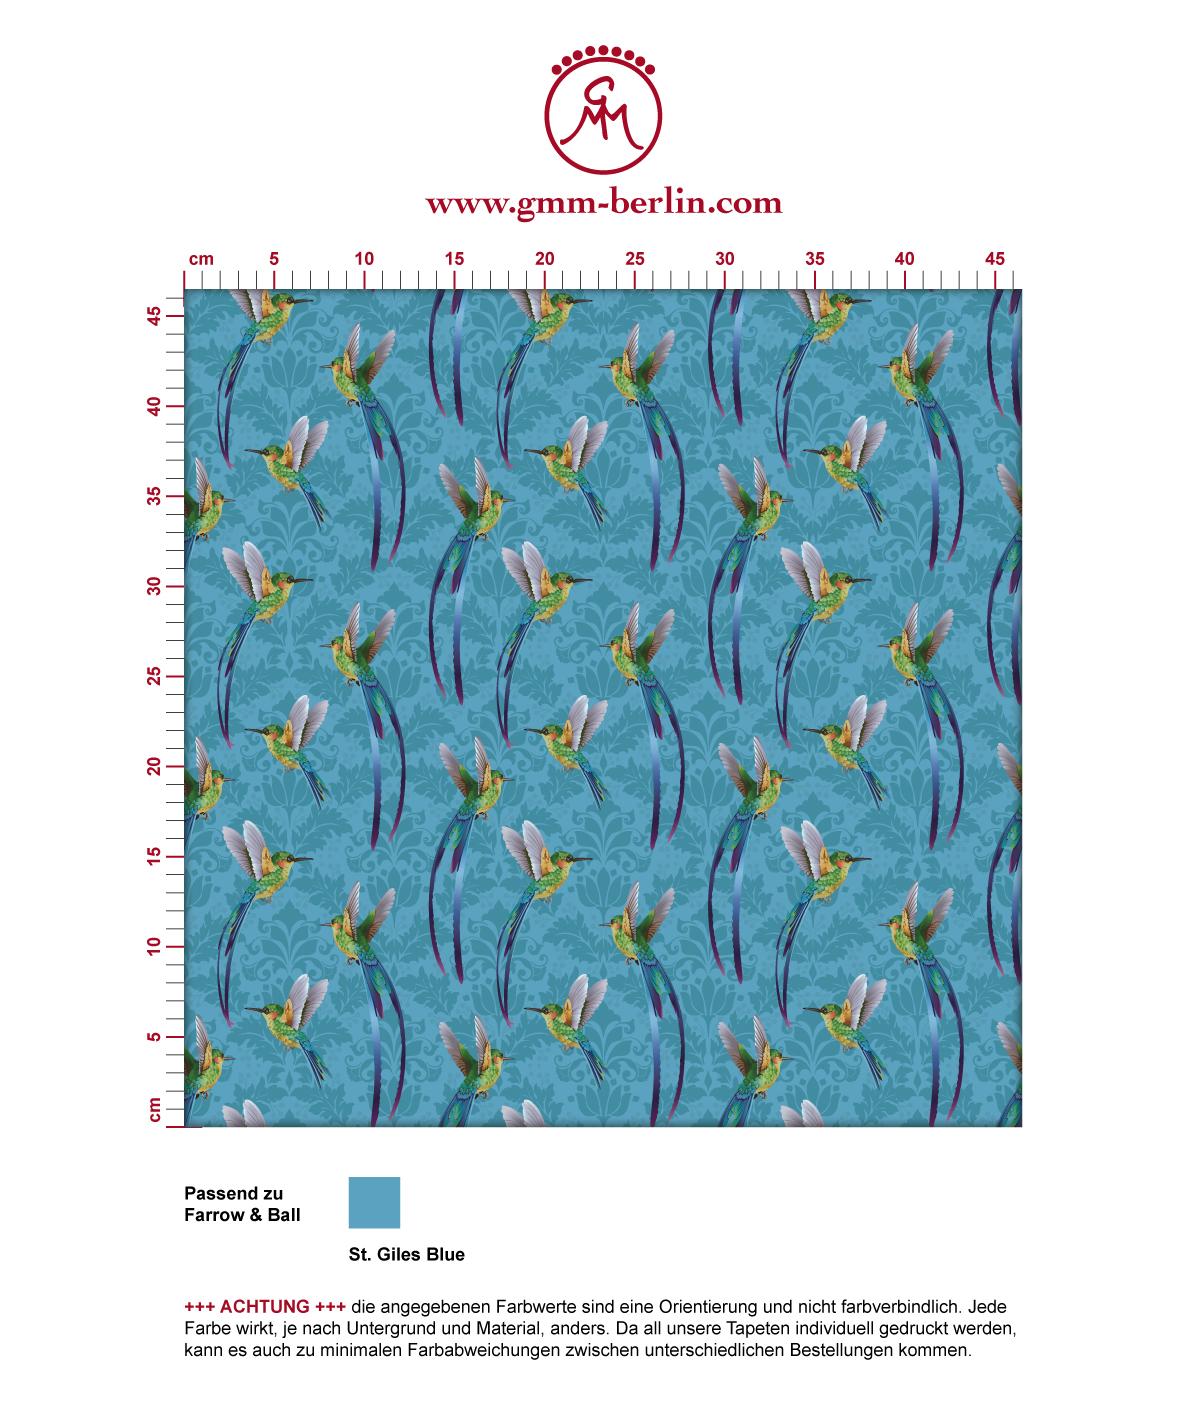 """Türkise Tapete """"Damast-Elfen"""" mit fliegenden Kolibris über klassischem Damast Muster angepasst an Farrow & Ball Wandfarben"""